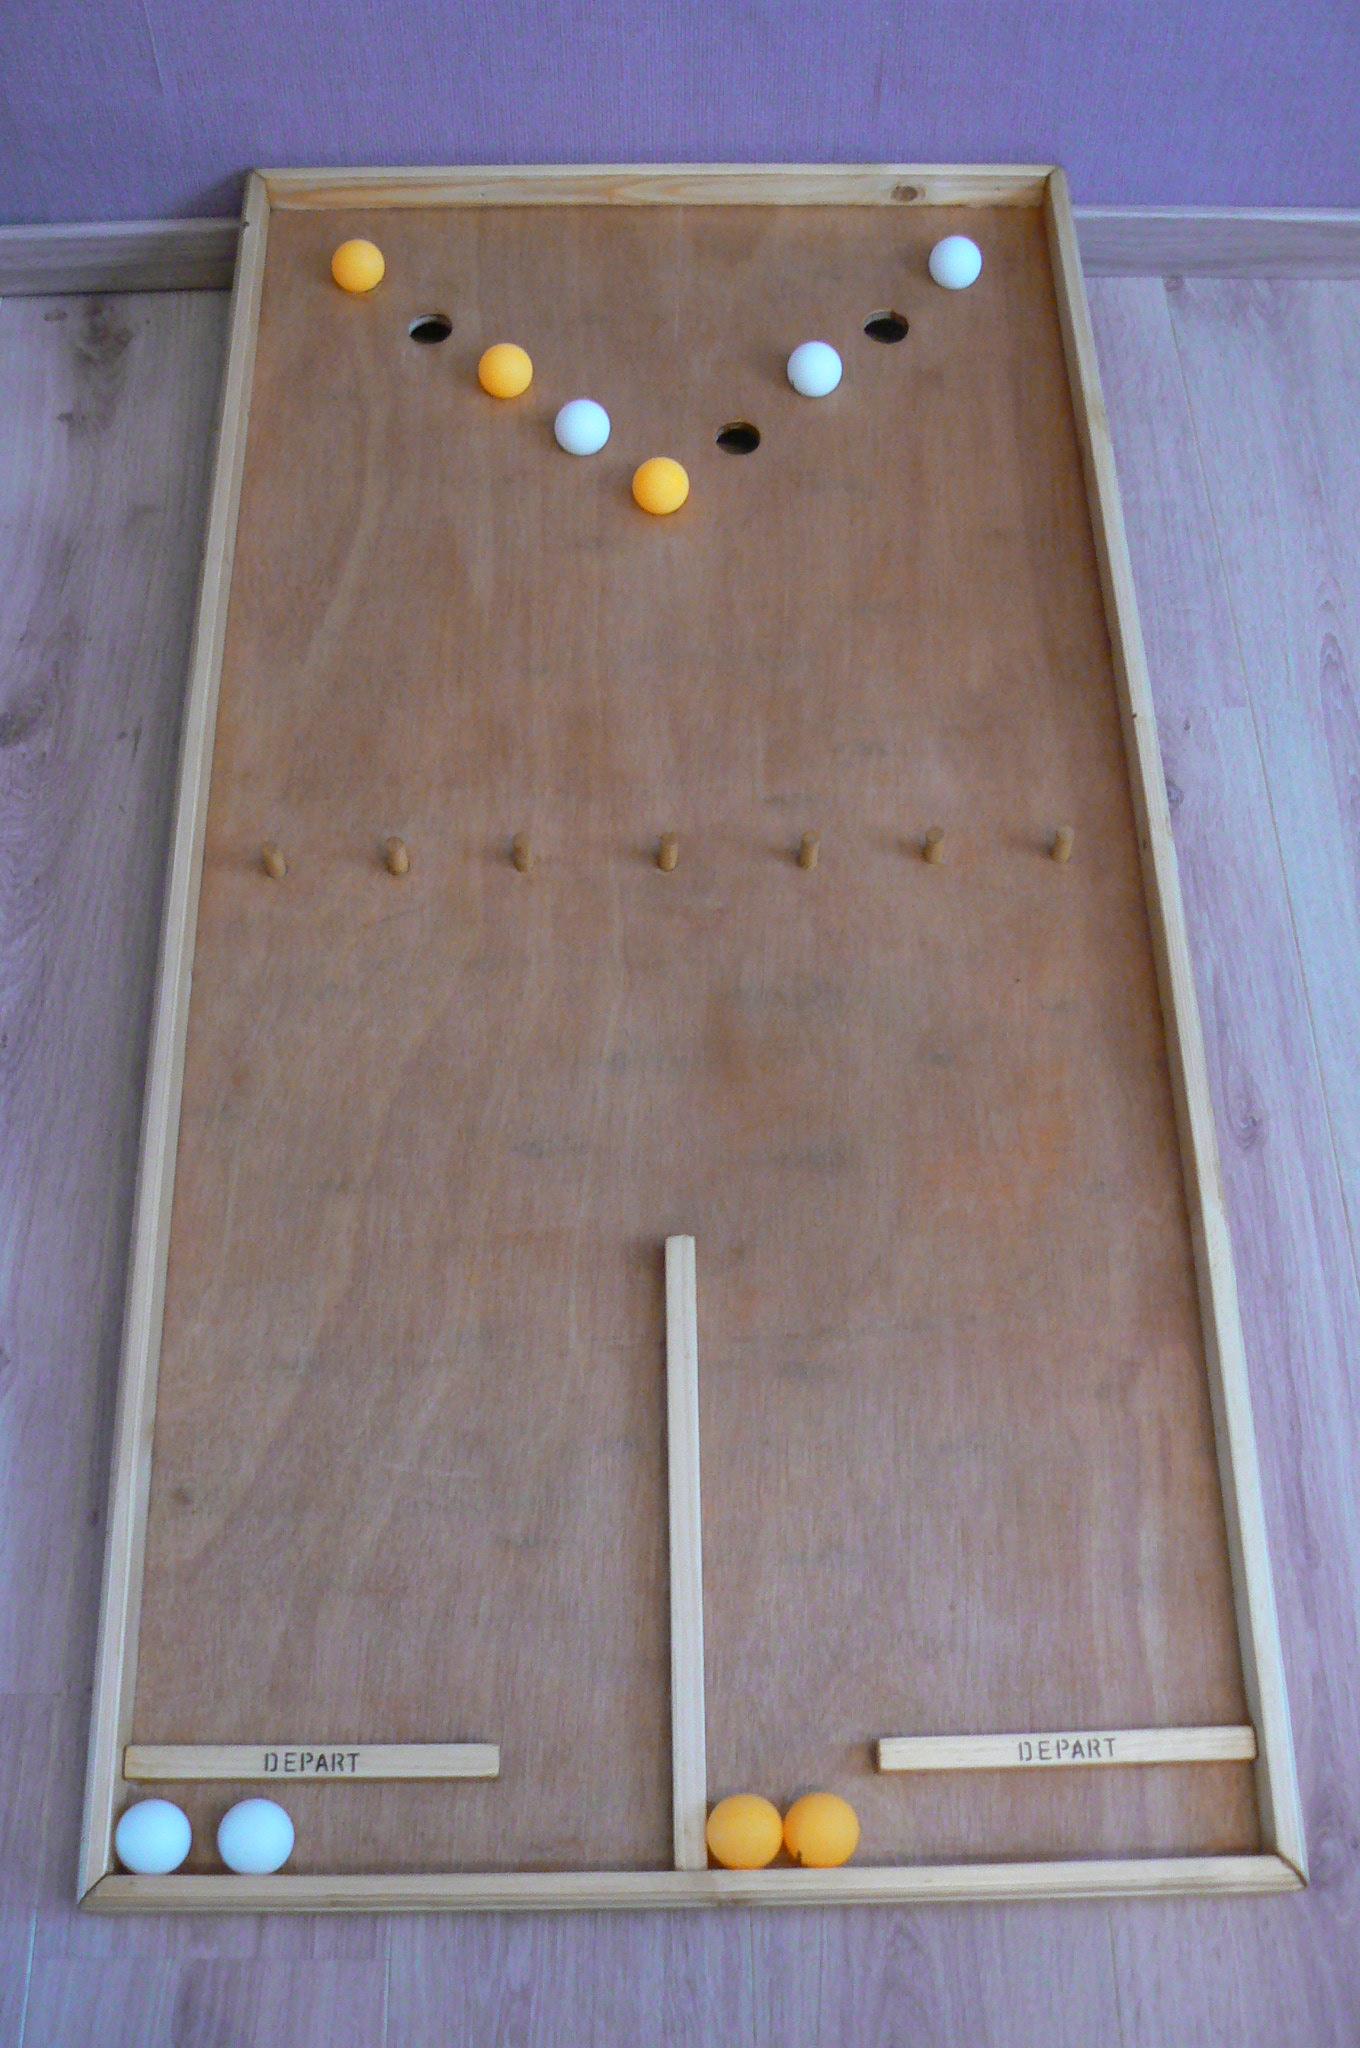 Souffle balle p tanque location jeux artisanaux en bois for Regle du jeu petanque